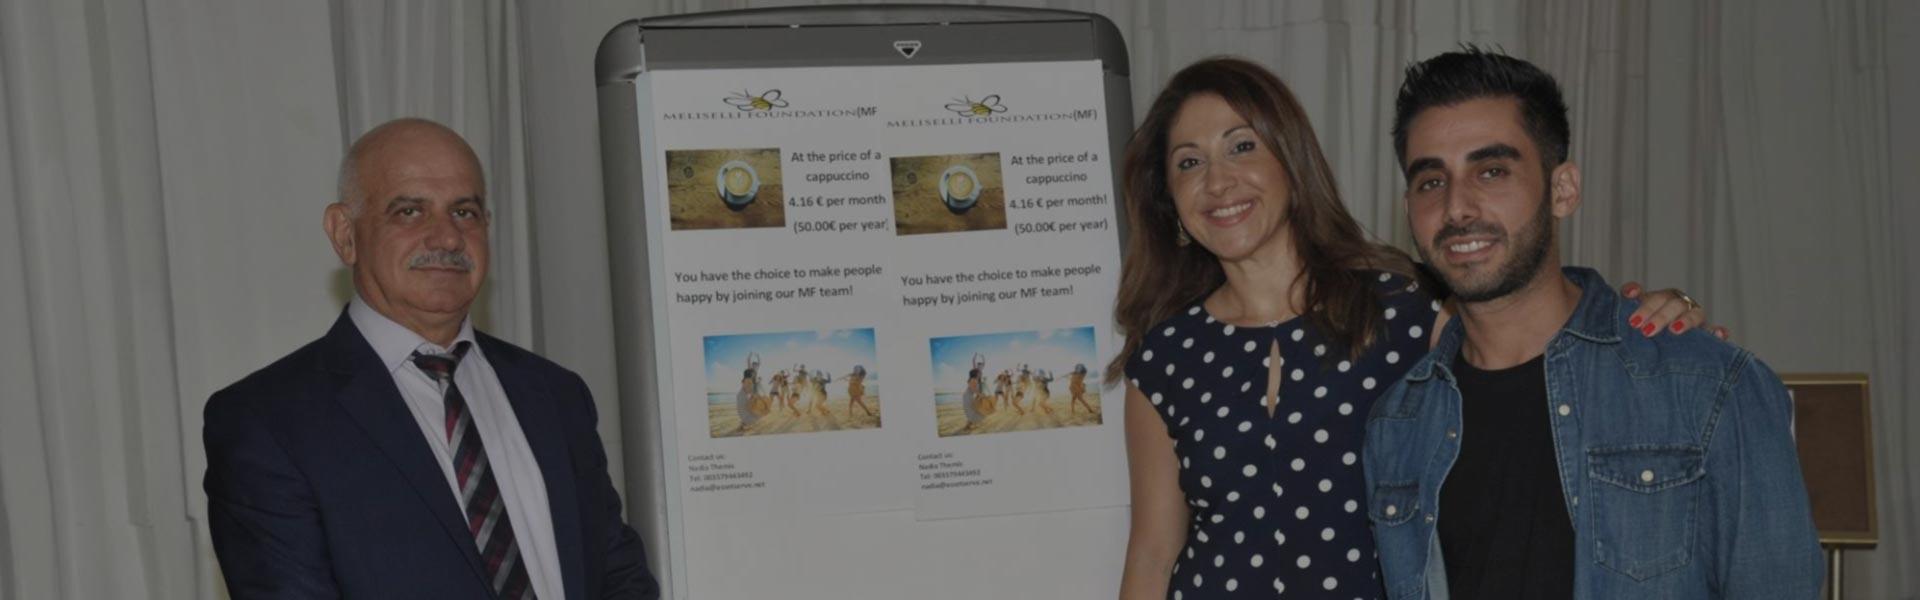 Nadia Themis - Meliselli Foundation Cause at Londa Hotel